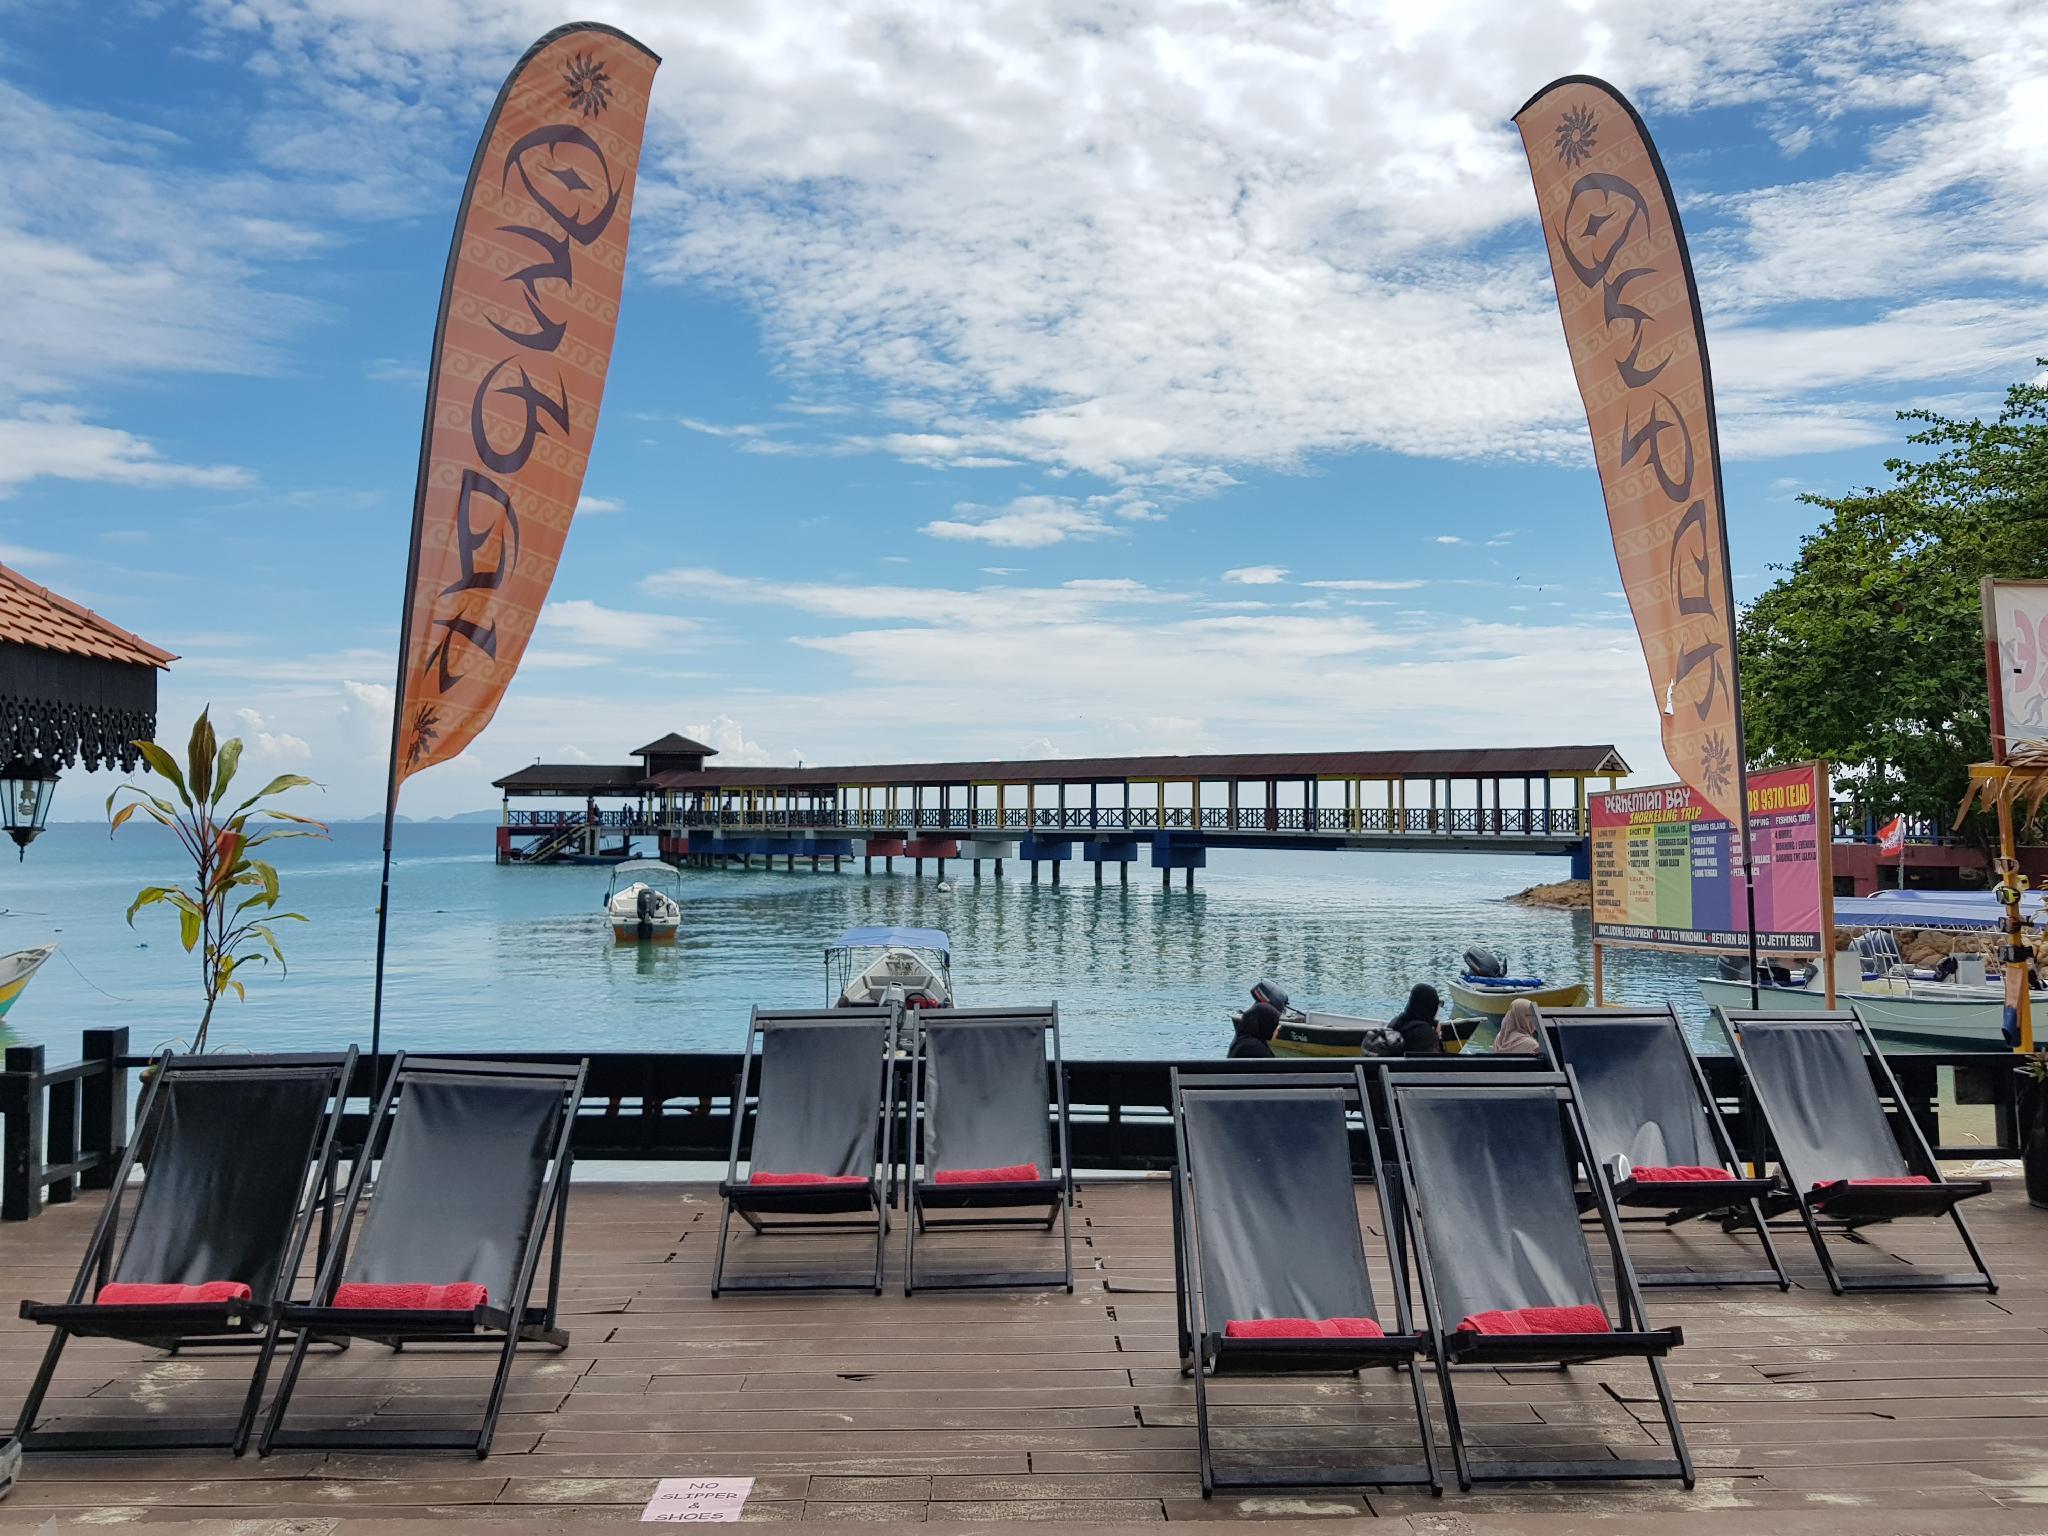 Ombak Resort